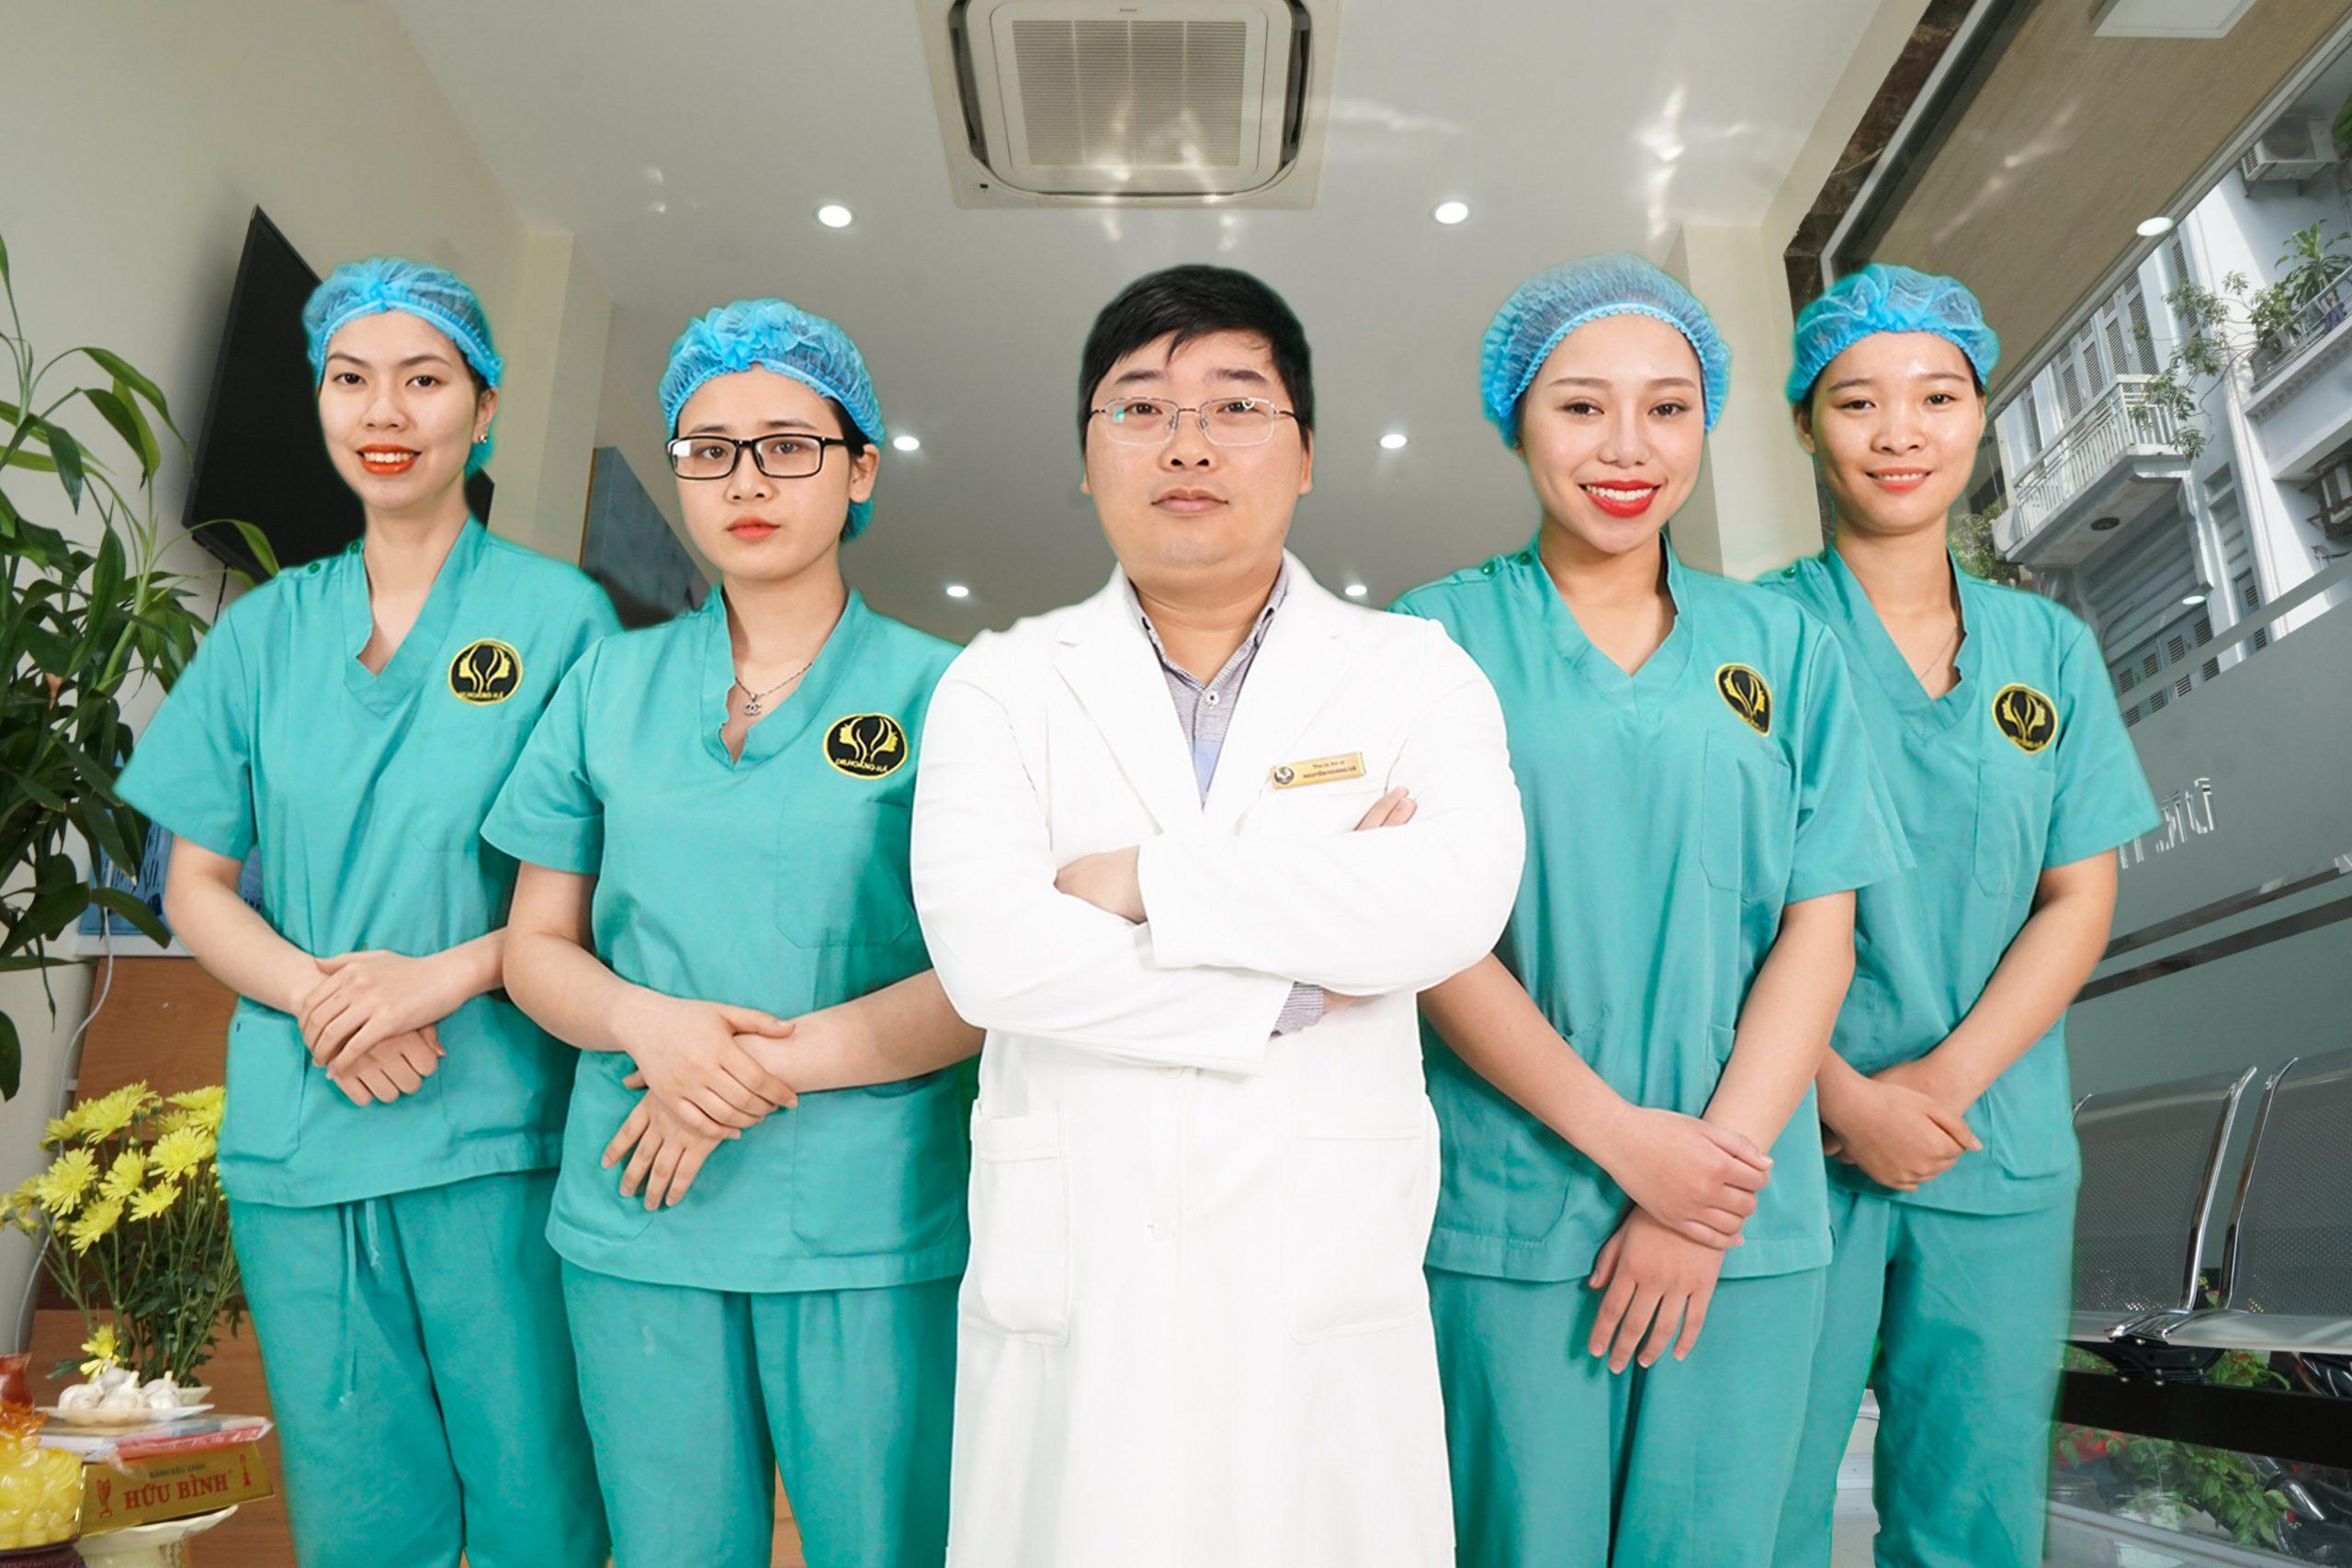 Đội ngũ Ekip PT của Dr Hoàng Hà được đào tạo chuyên sâu, có nhiều năm gắn bó với nghề